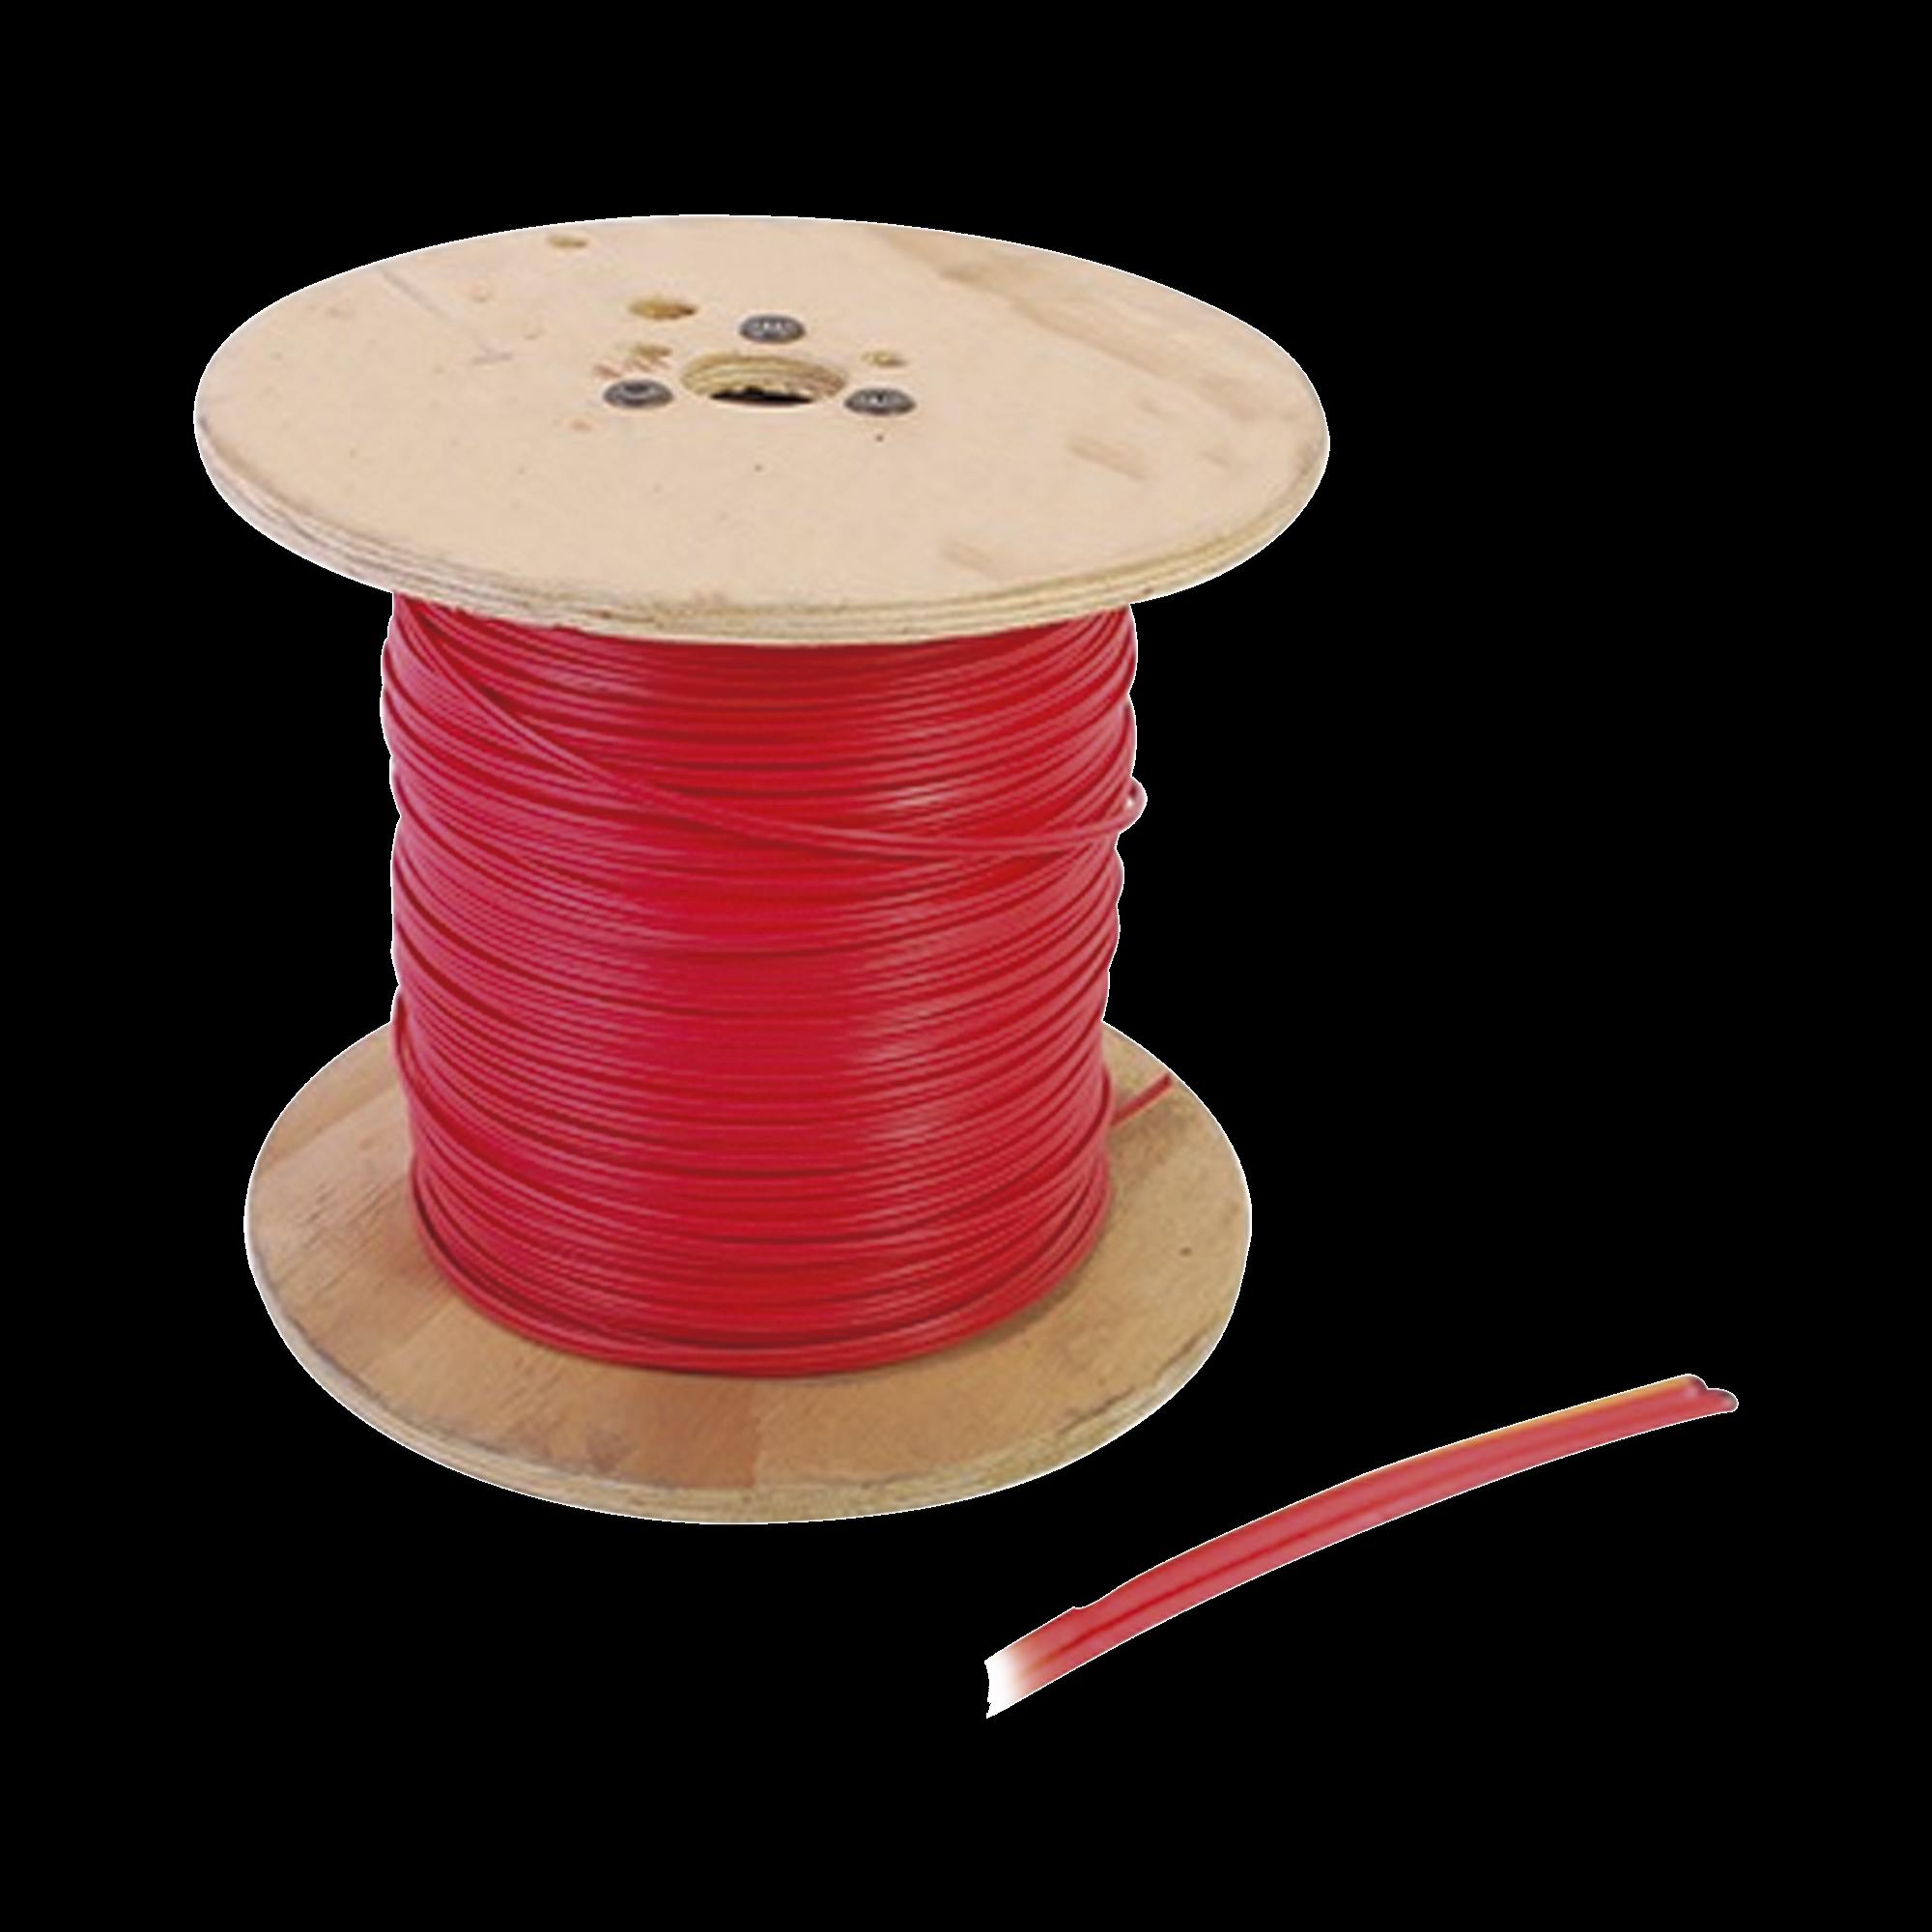 Bobina de Alambre de 150 metros, calibre 16 con 2 conductores, tipo FPLR-CL2R, para aplicaciones en sistemas de detección de incendio y sistemas de voceo